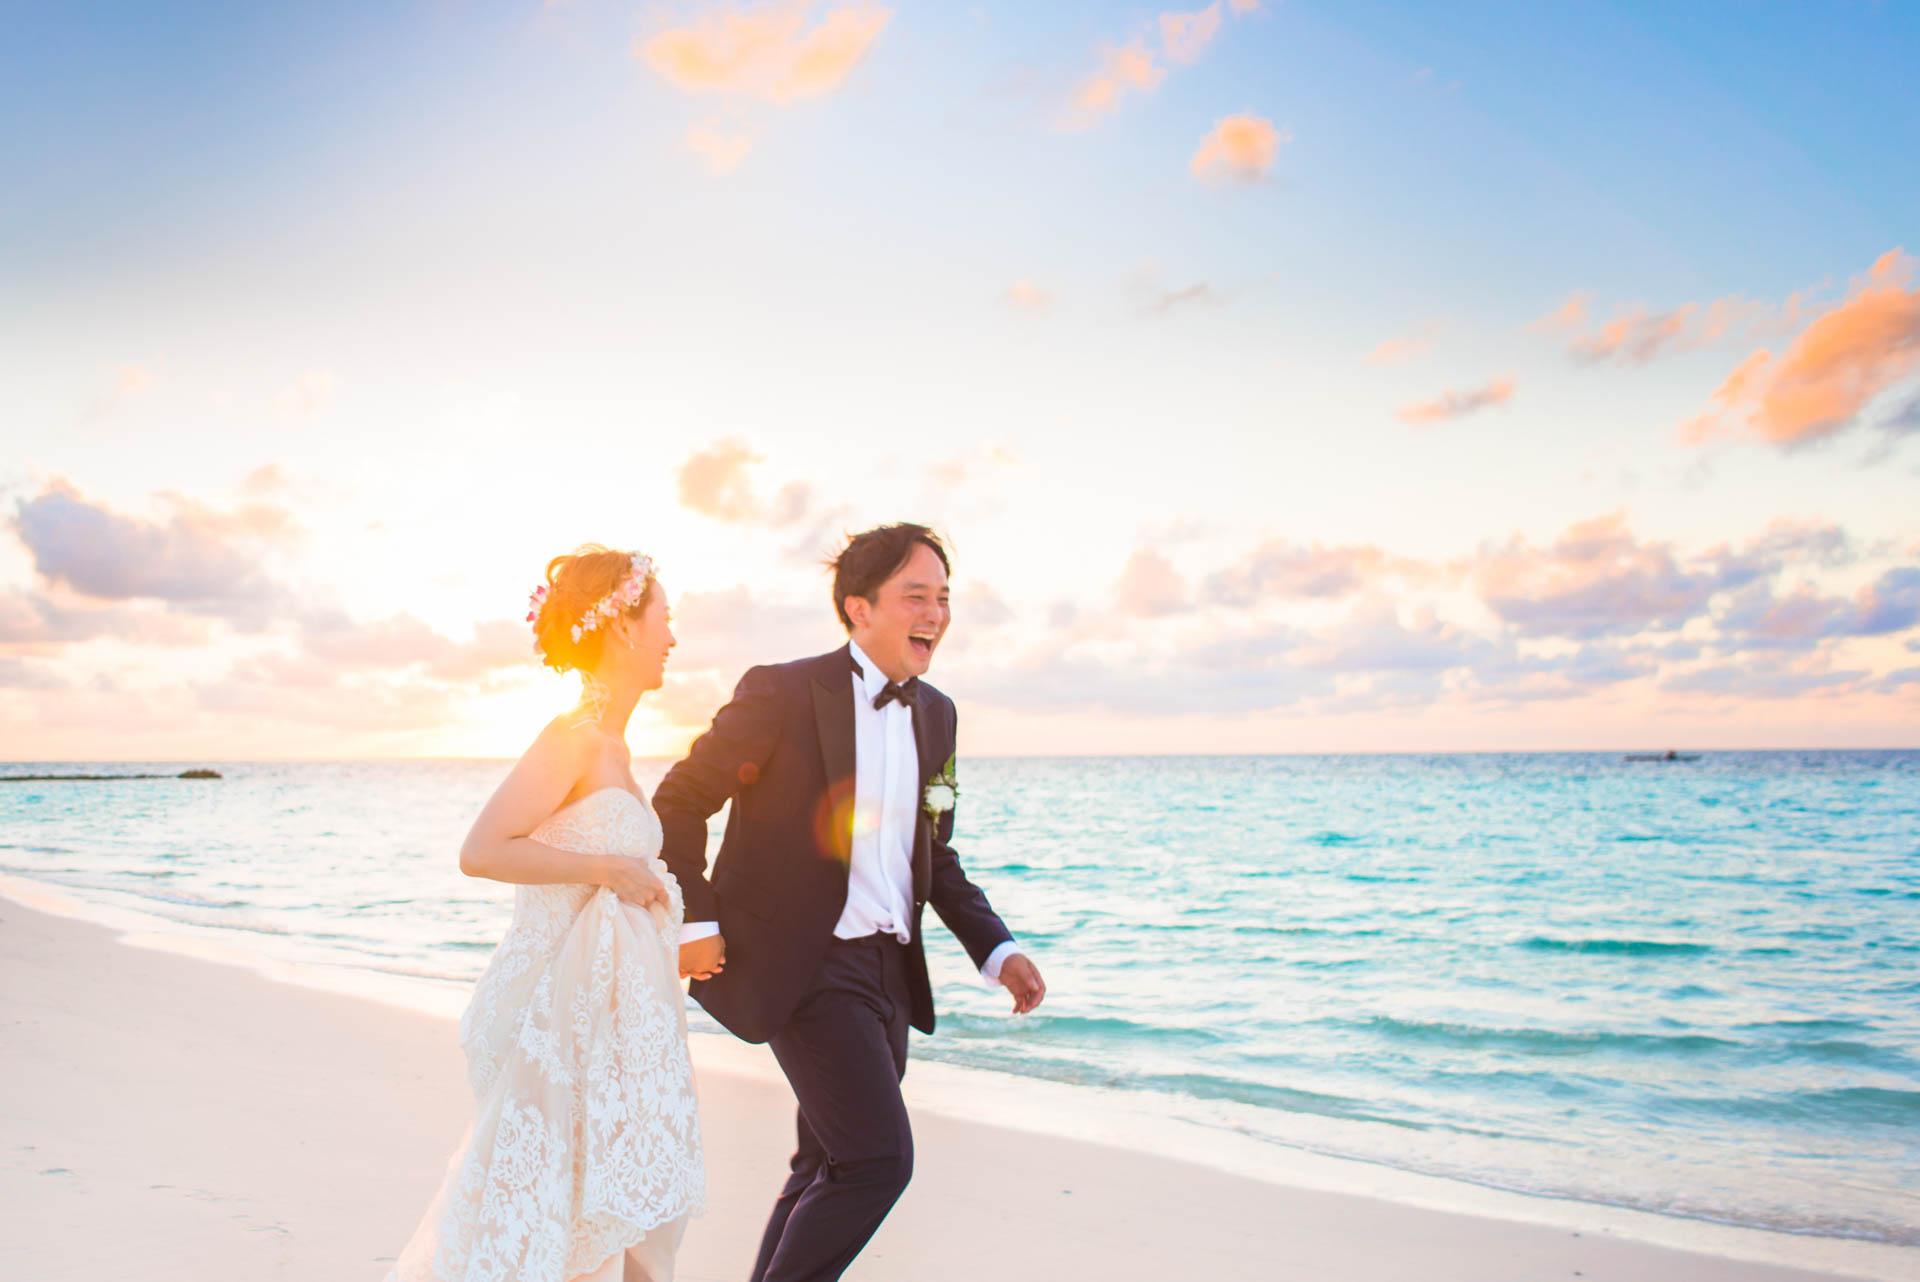 Kang Kim Sand Bank Wedding at St Regis Vommuly Maldives 10